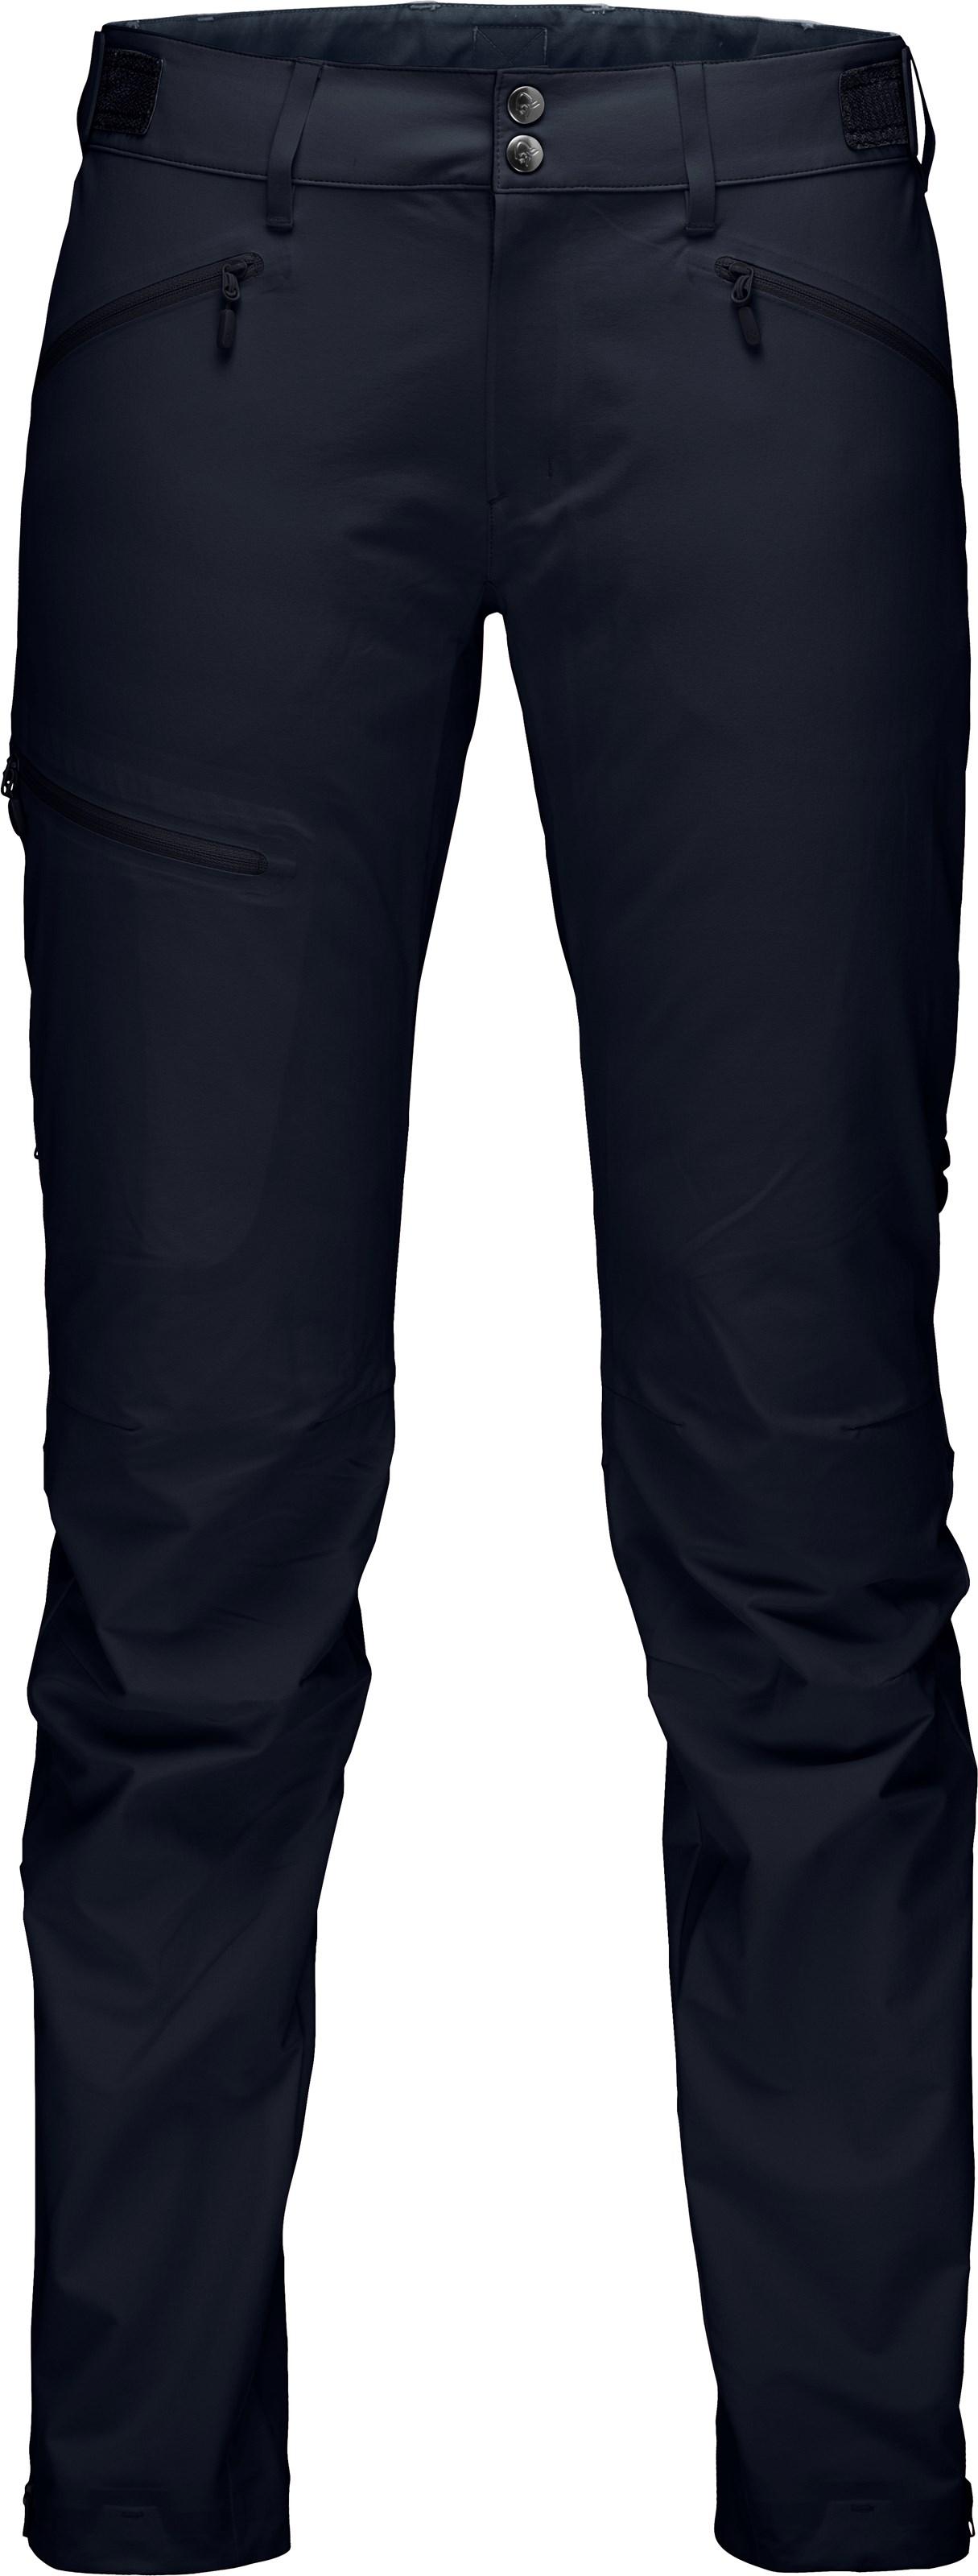 Braasport Norrøna Falketind flex1 Pants, softshellbukse herre